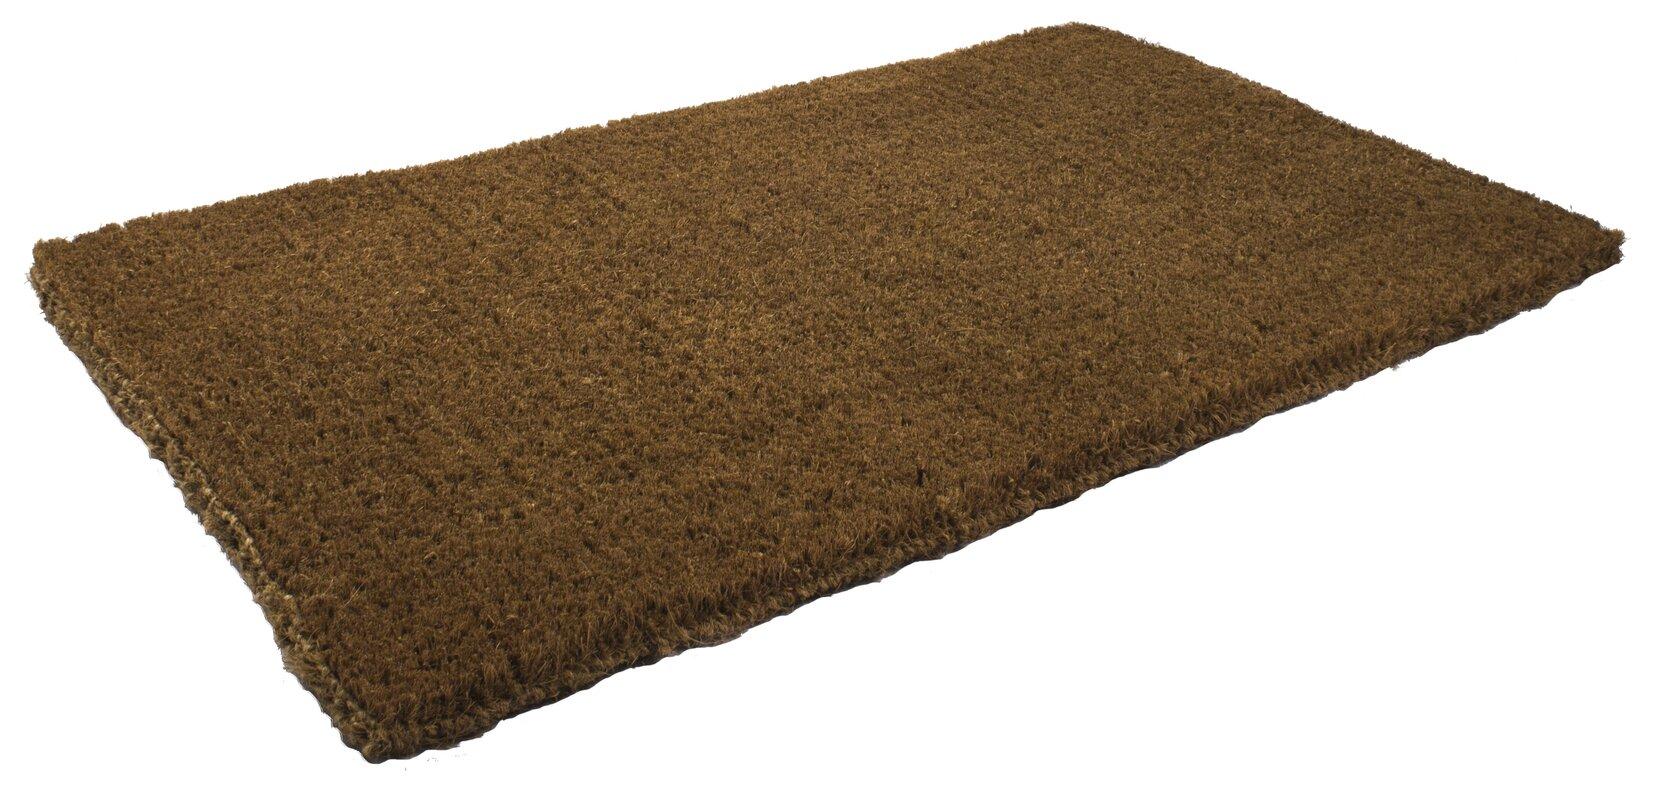 Entryways Homemade Blank Doormat & Reviews | Wayfair